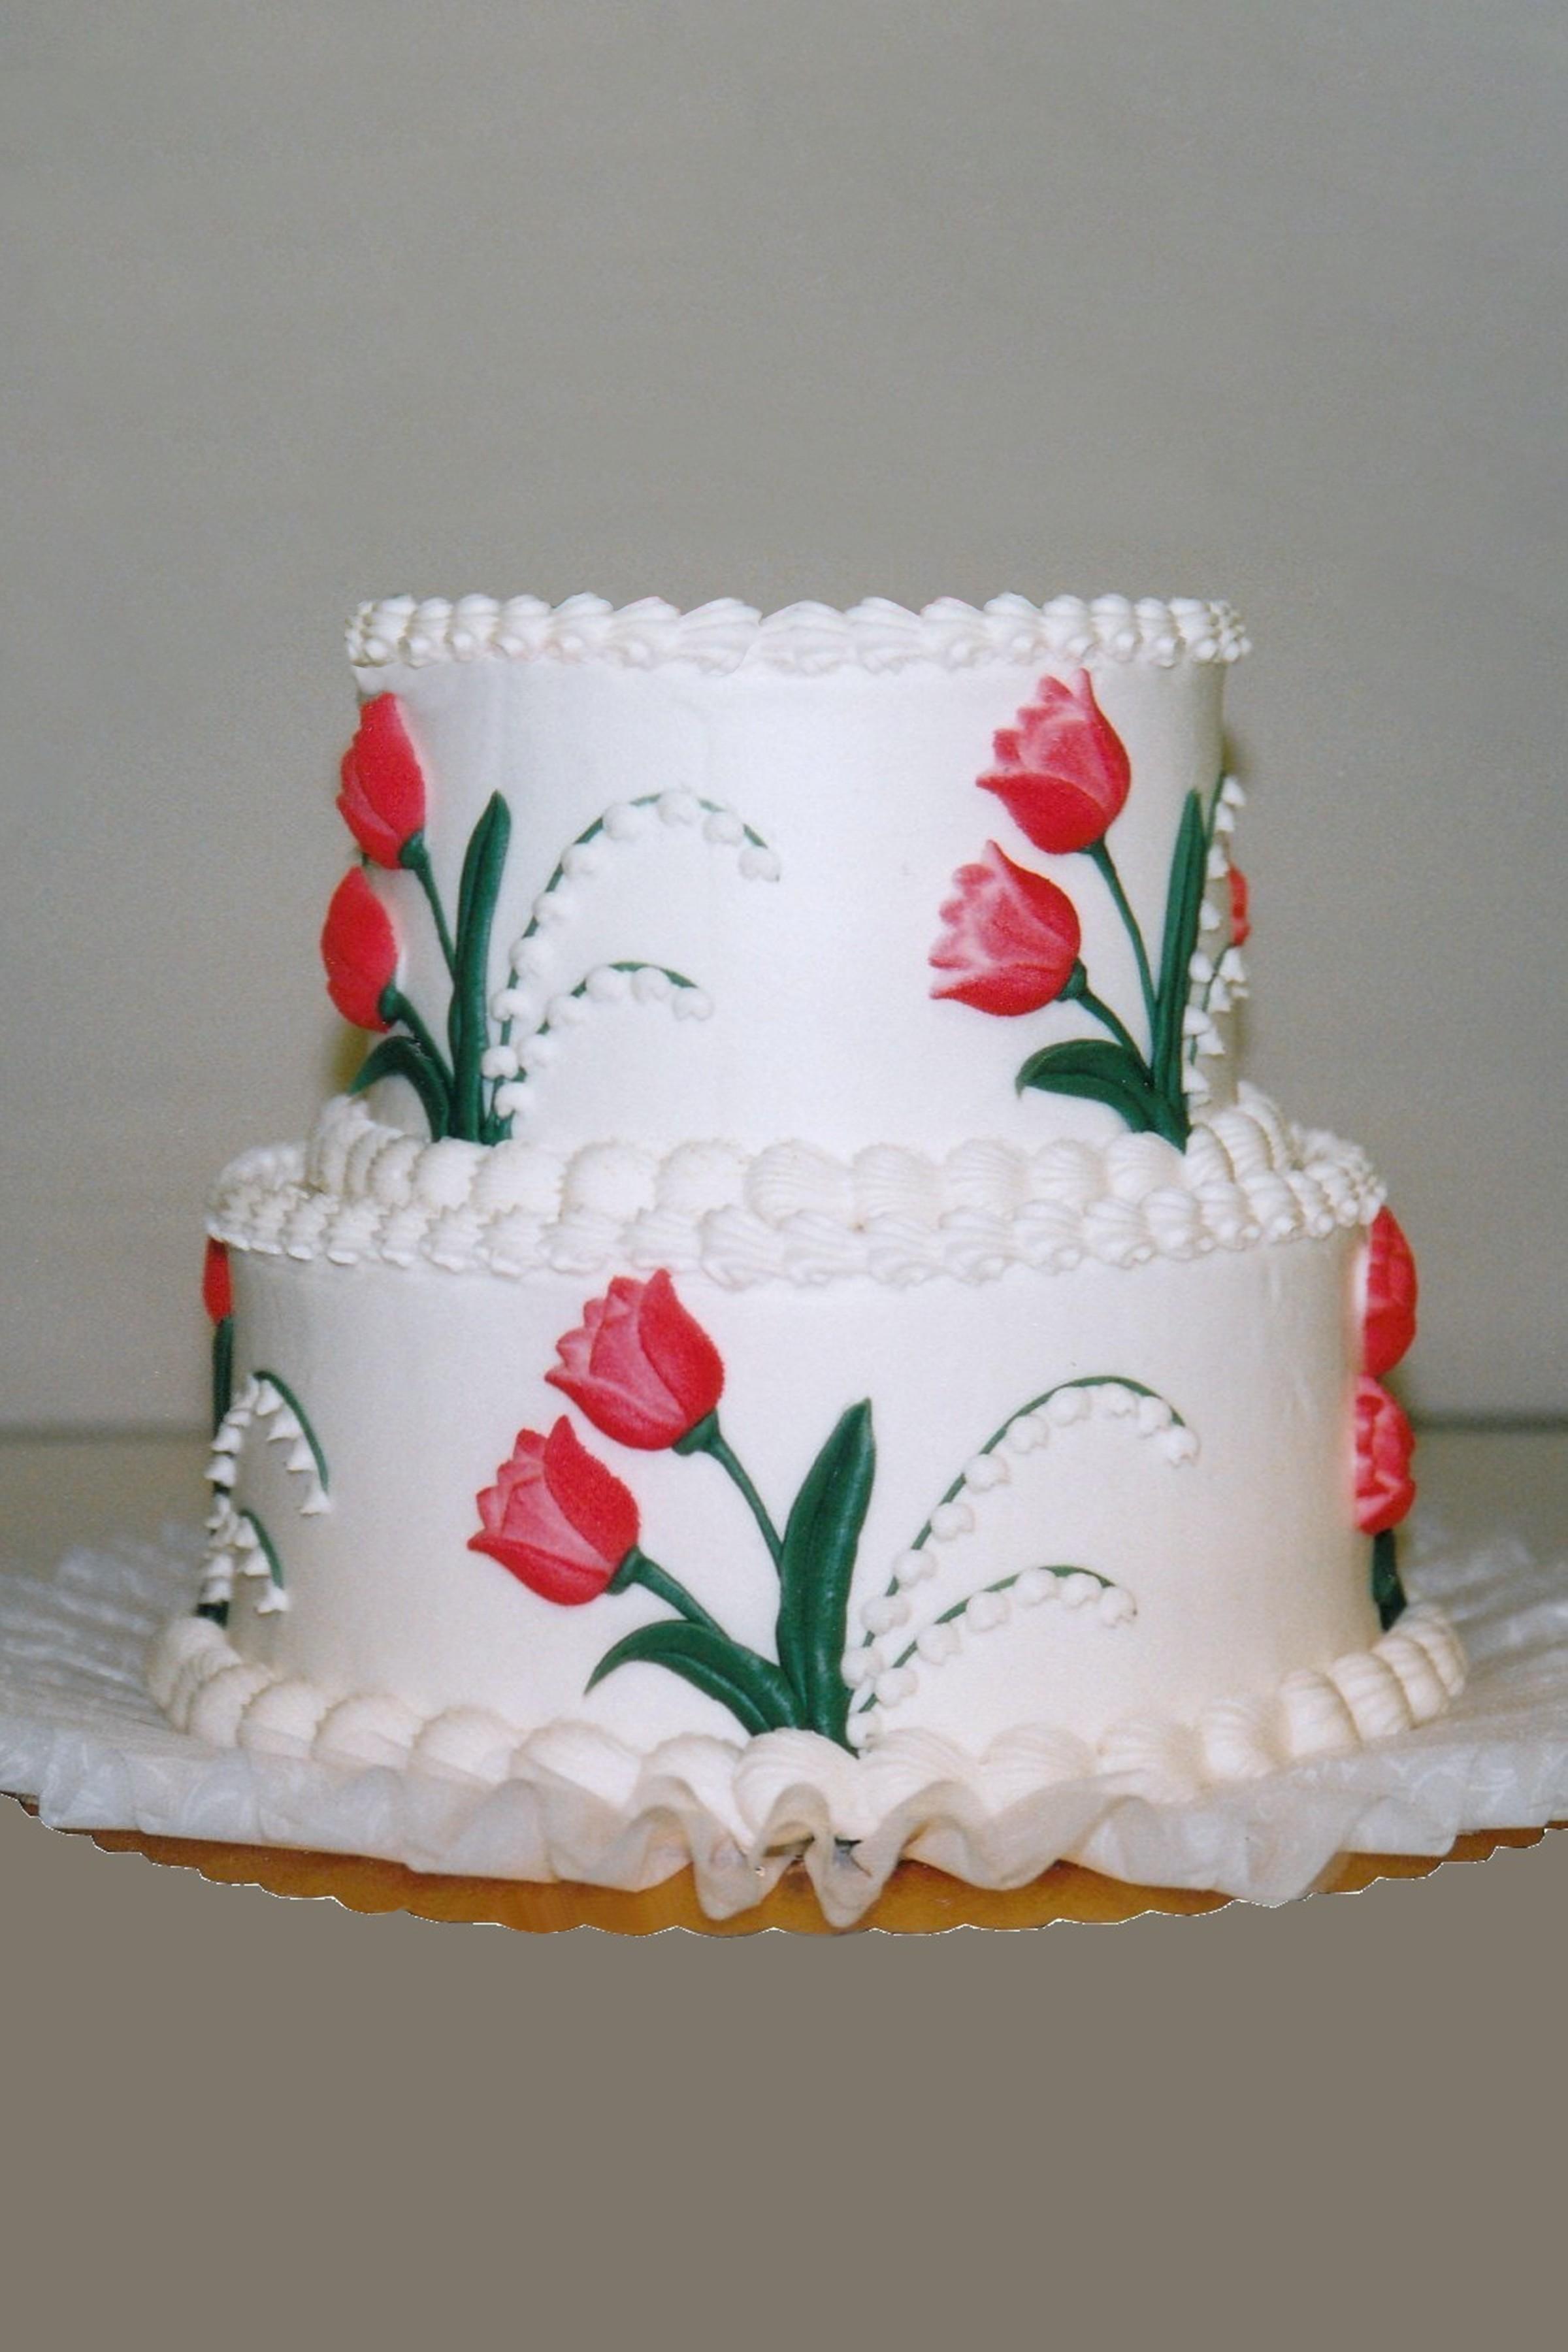 Wedding Cake Gallery @ Manderfield\'s Home Bakery